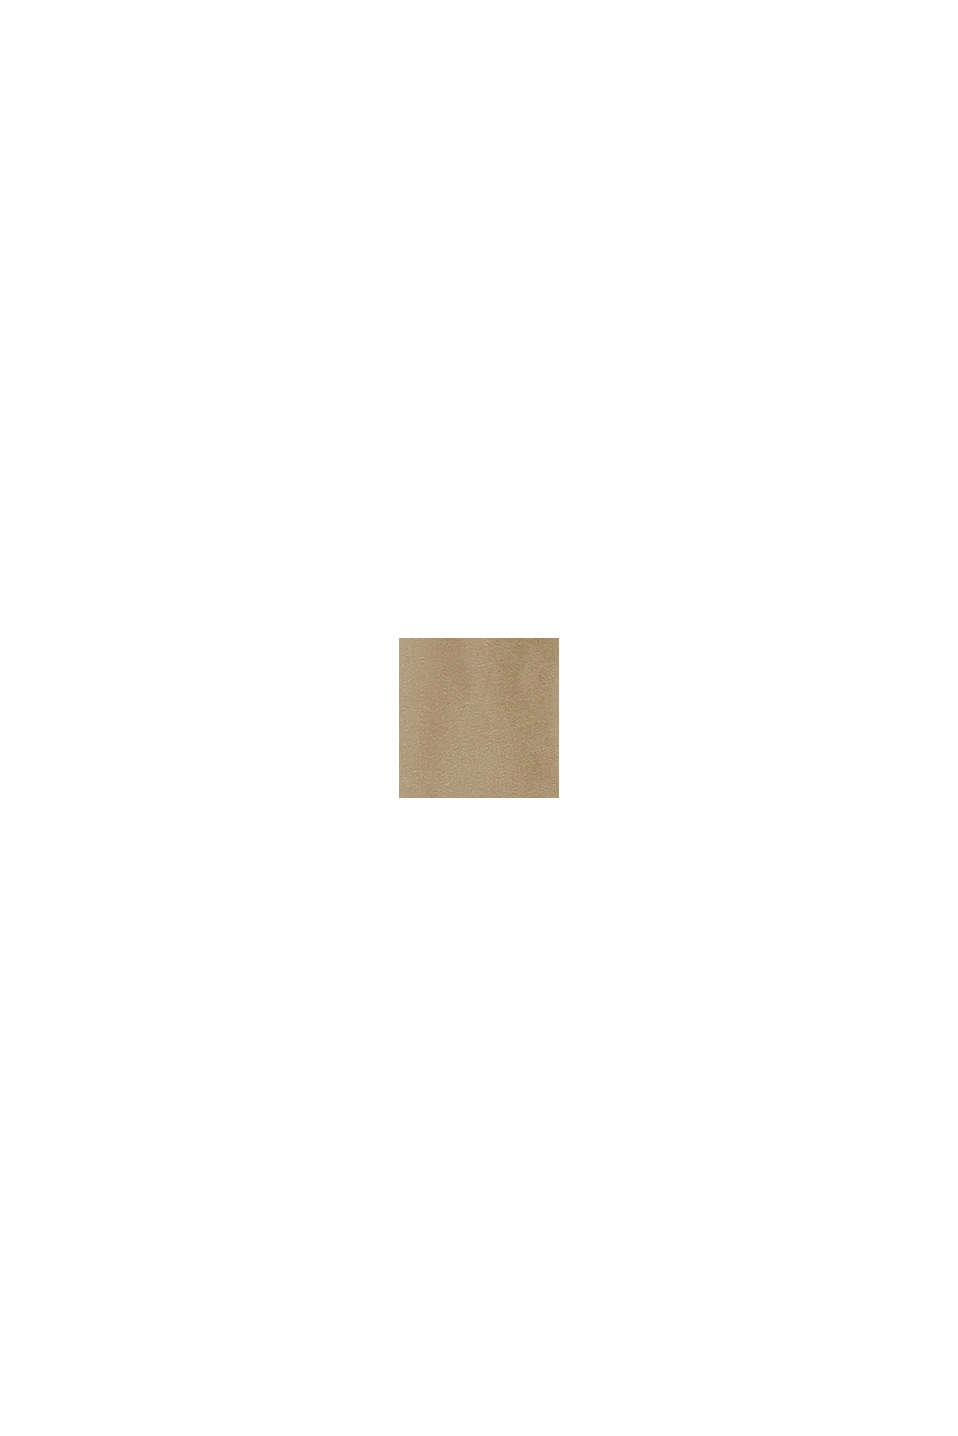 Broek met elastische band, 100% katoen, BEIGE, swatch